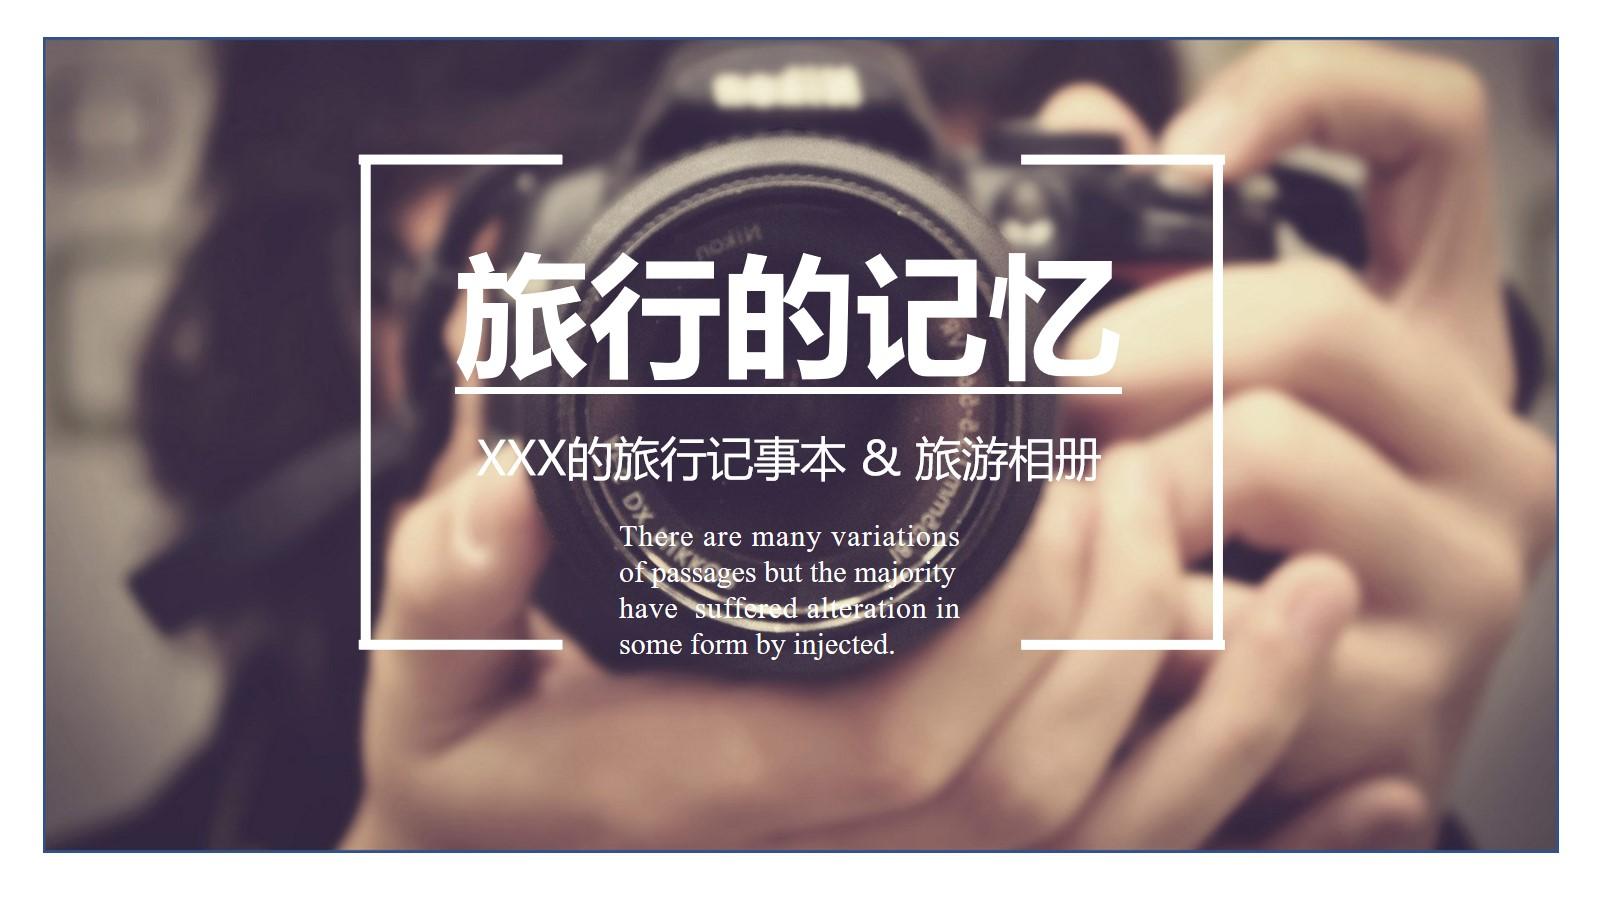 棕色杂志风格的旅游摄影相册PPT模板